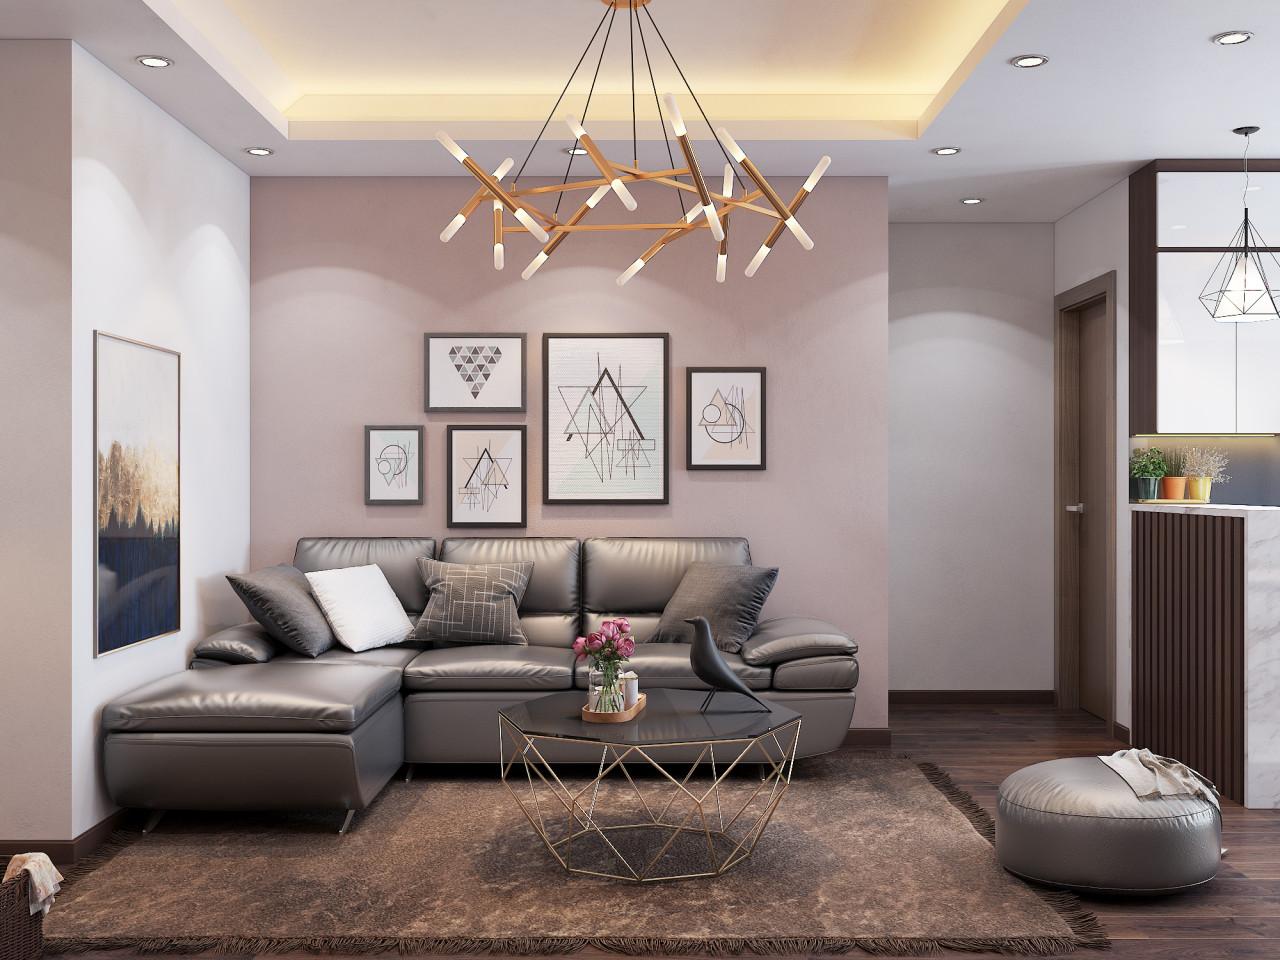 Không gian được bố trí hài hòa từ màu sắc đến cách lựa chọn đồ nội thất